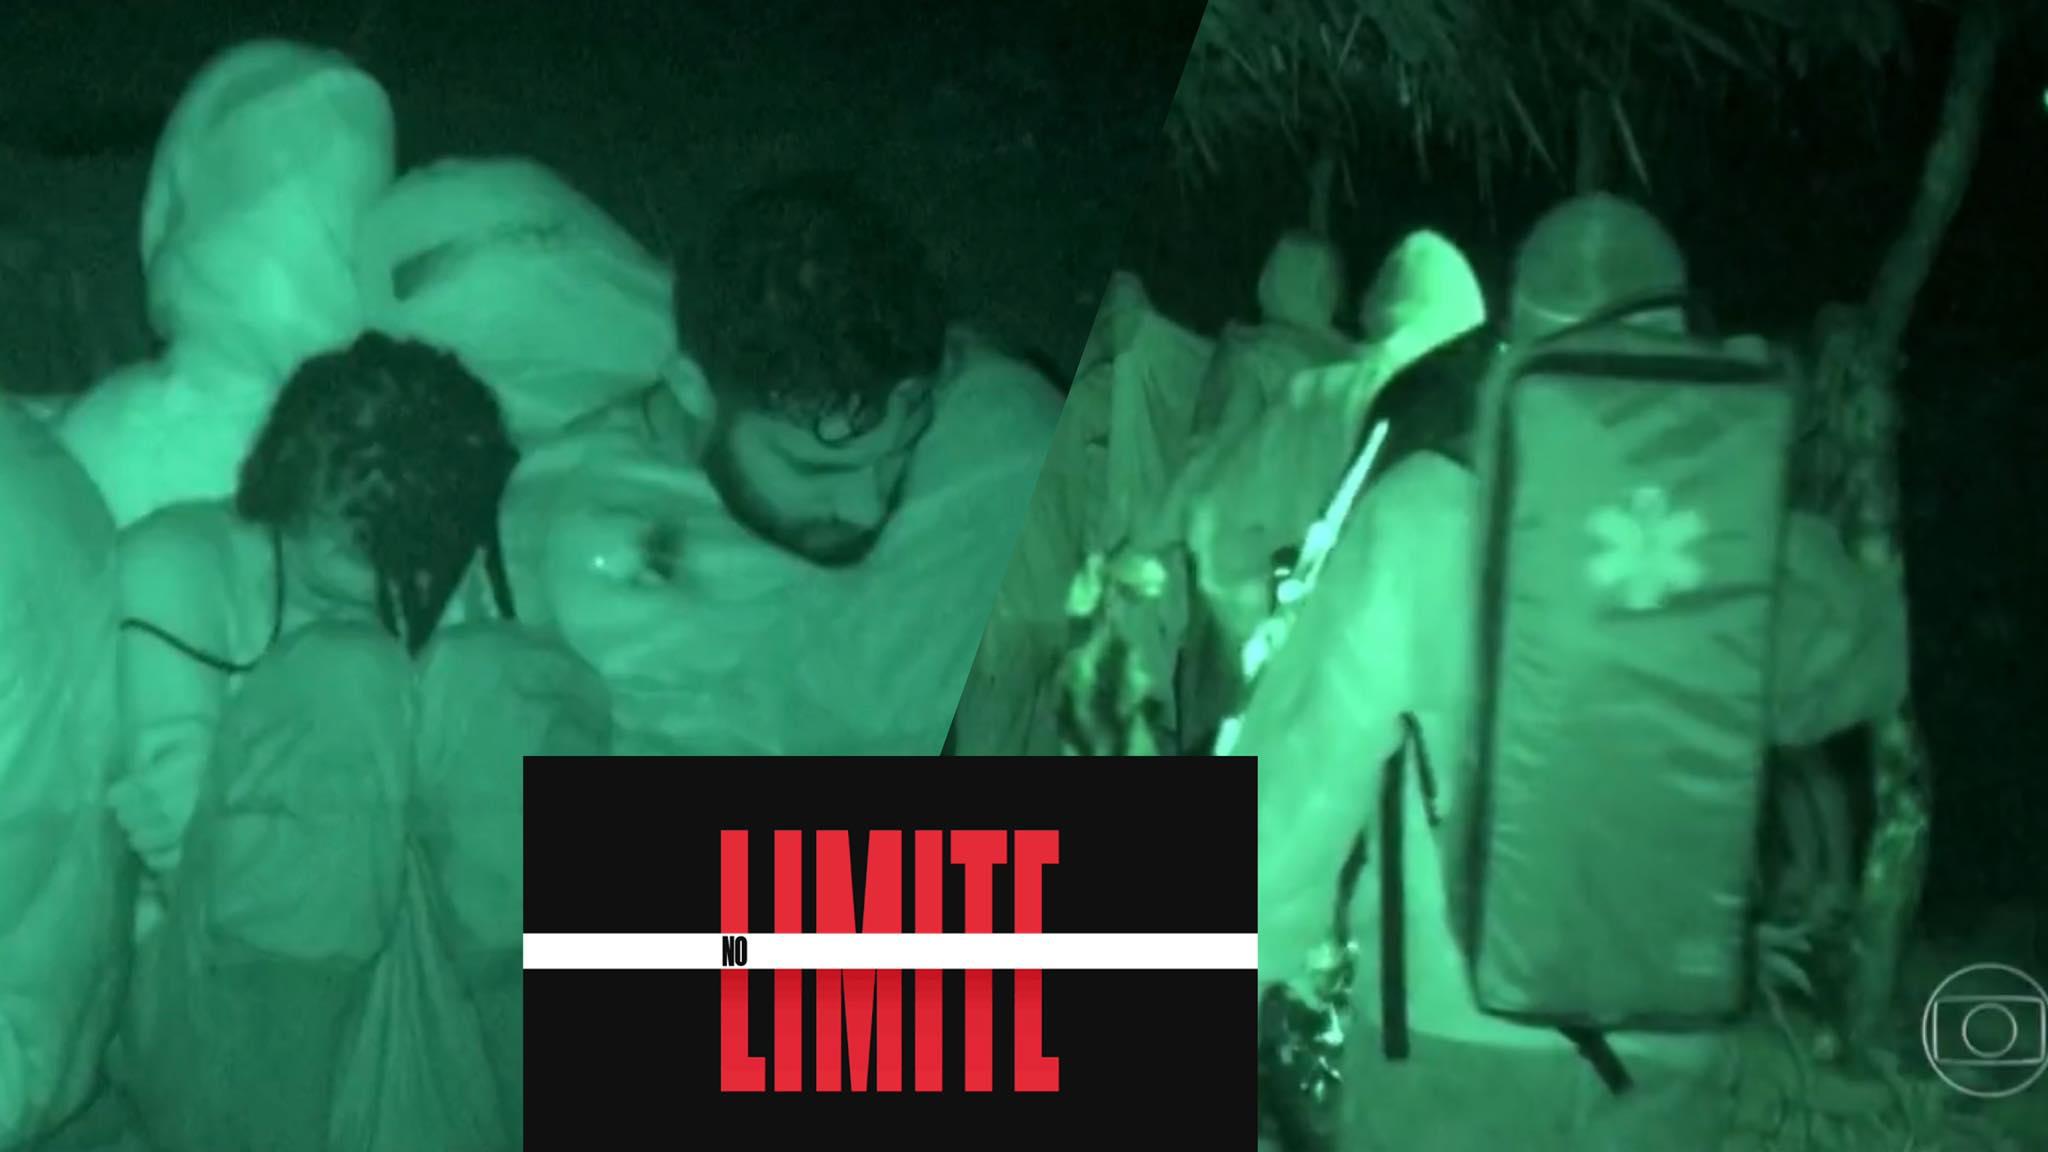 Produção de No Limite teve que prestar socorro nas duas tribos após chuva torrencial (montagem: Fashion Bubbles)